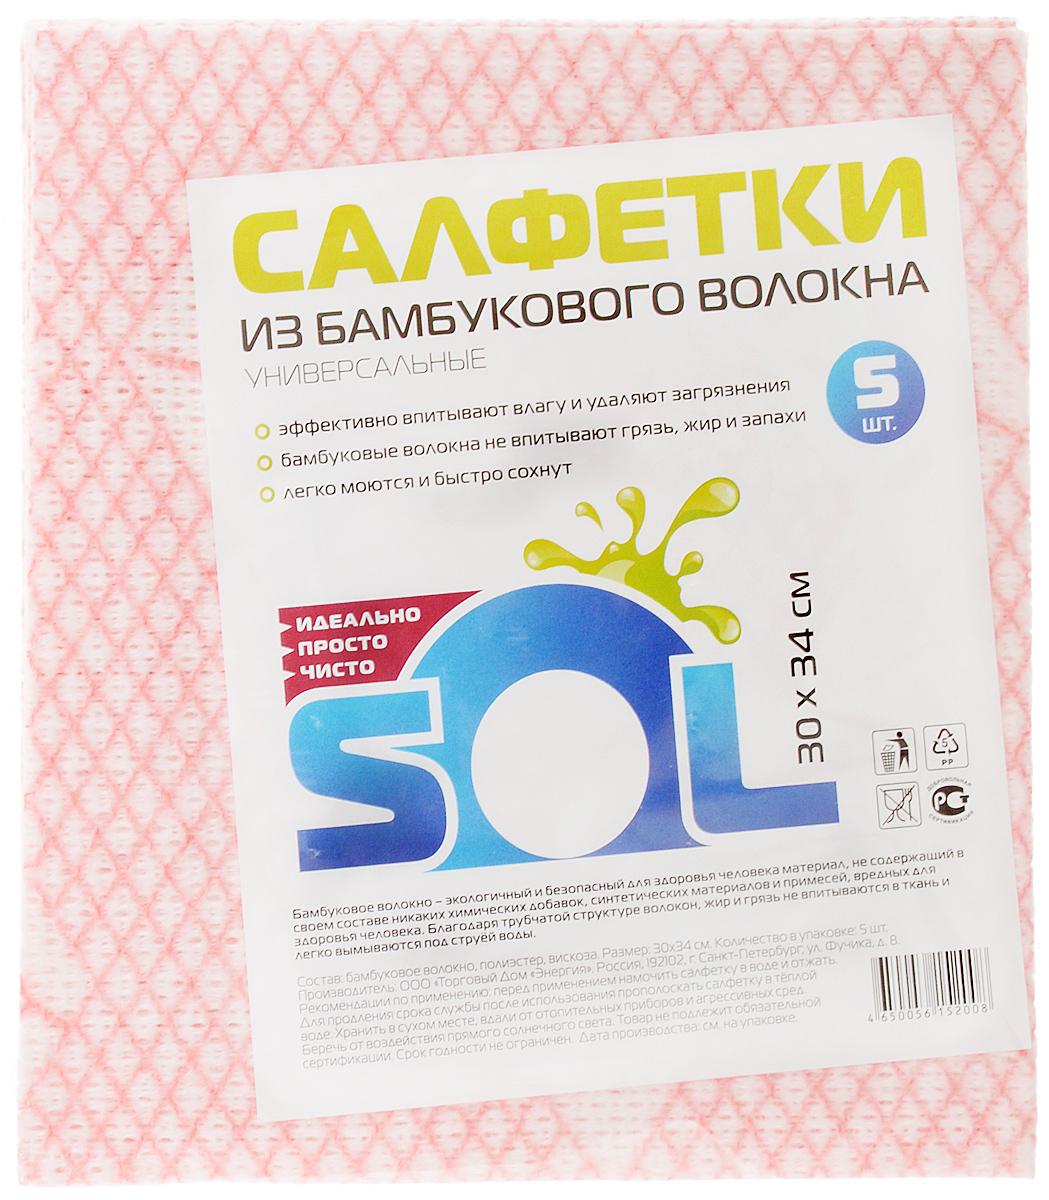 Салфетка для уборки Sol из бамбукового волокна, 30 x 34 см, 5 шт10031Салфетки Sol, выполненные из бамбукового волокна, вискозы и полиэстера, предназначены для уборки. бамбуковое волокно - экологичный и безопасный для здоровья человека материал, не содержащий в своем составе никаких химический добавок, синтетических материалов и примесей. Благодаря трубчатой структуре волокон, жир и грязь не впитываются в ткань легко вымываются обычной водой. Рекомендации по уходу: Бамбуковые салфетки не требуют особого ухода. После каждого использования их рекомендуется промыть под струей воды и просушить. Периодически рекомендуется простирывать салфетки мылом. Не следует стирать их с порошками, а также специальными очистителями или бытовыми моющими средствами. Кроме того не рекомендуется сушить салфетки на батарее.